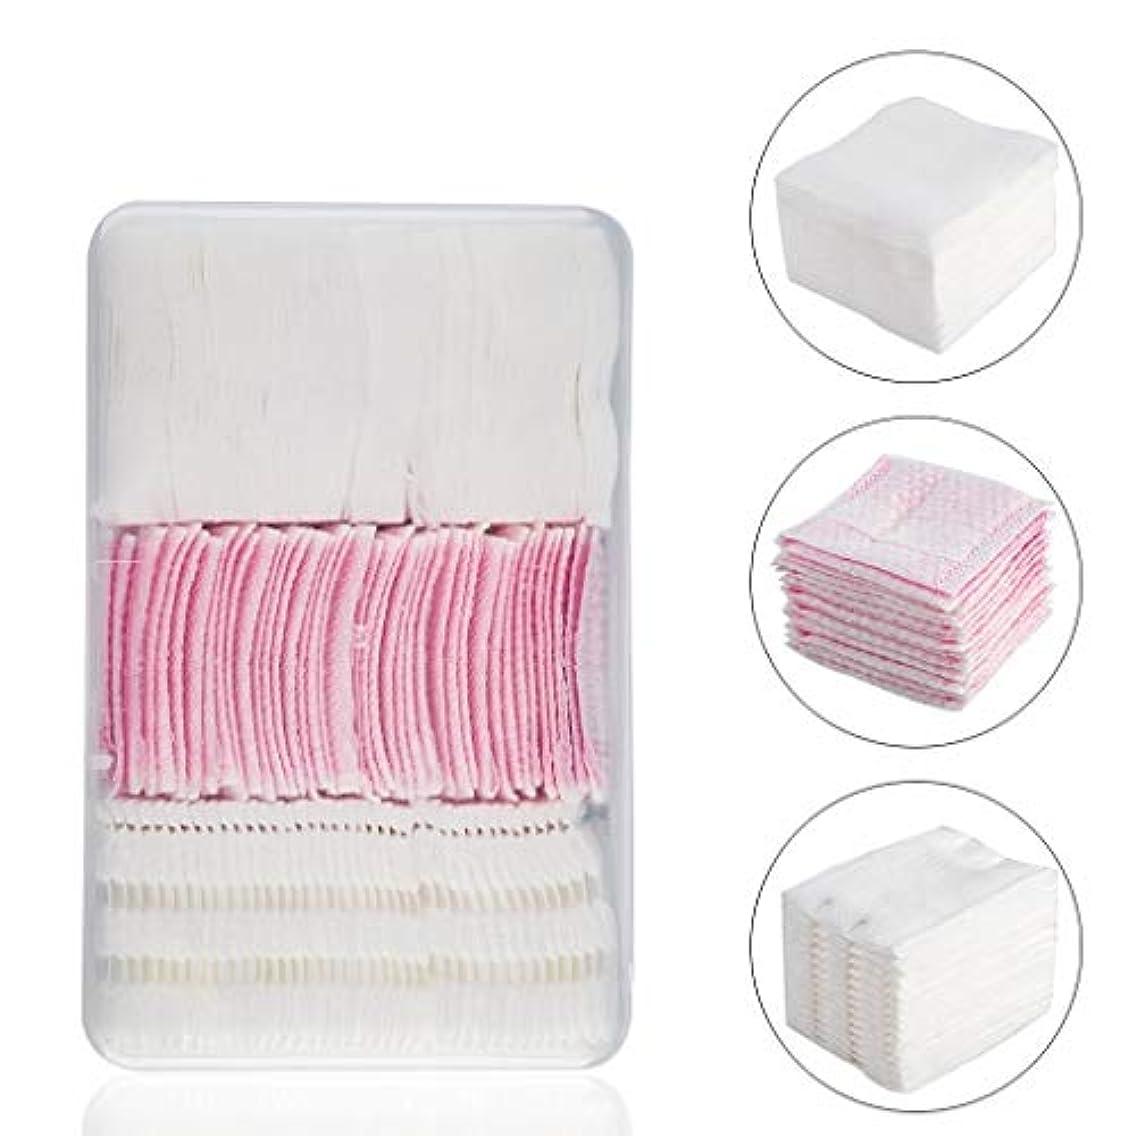 大洪水減らす報いるクレンジングシート コンビネーション使い捨て厚い綿パッド薄いパッドクリーニングワイパーリムーバーソフト多層クレンジングタオルタオルパッド (Color : White or Pink)